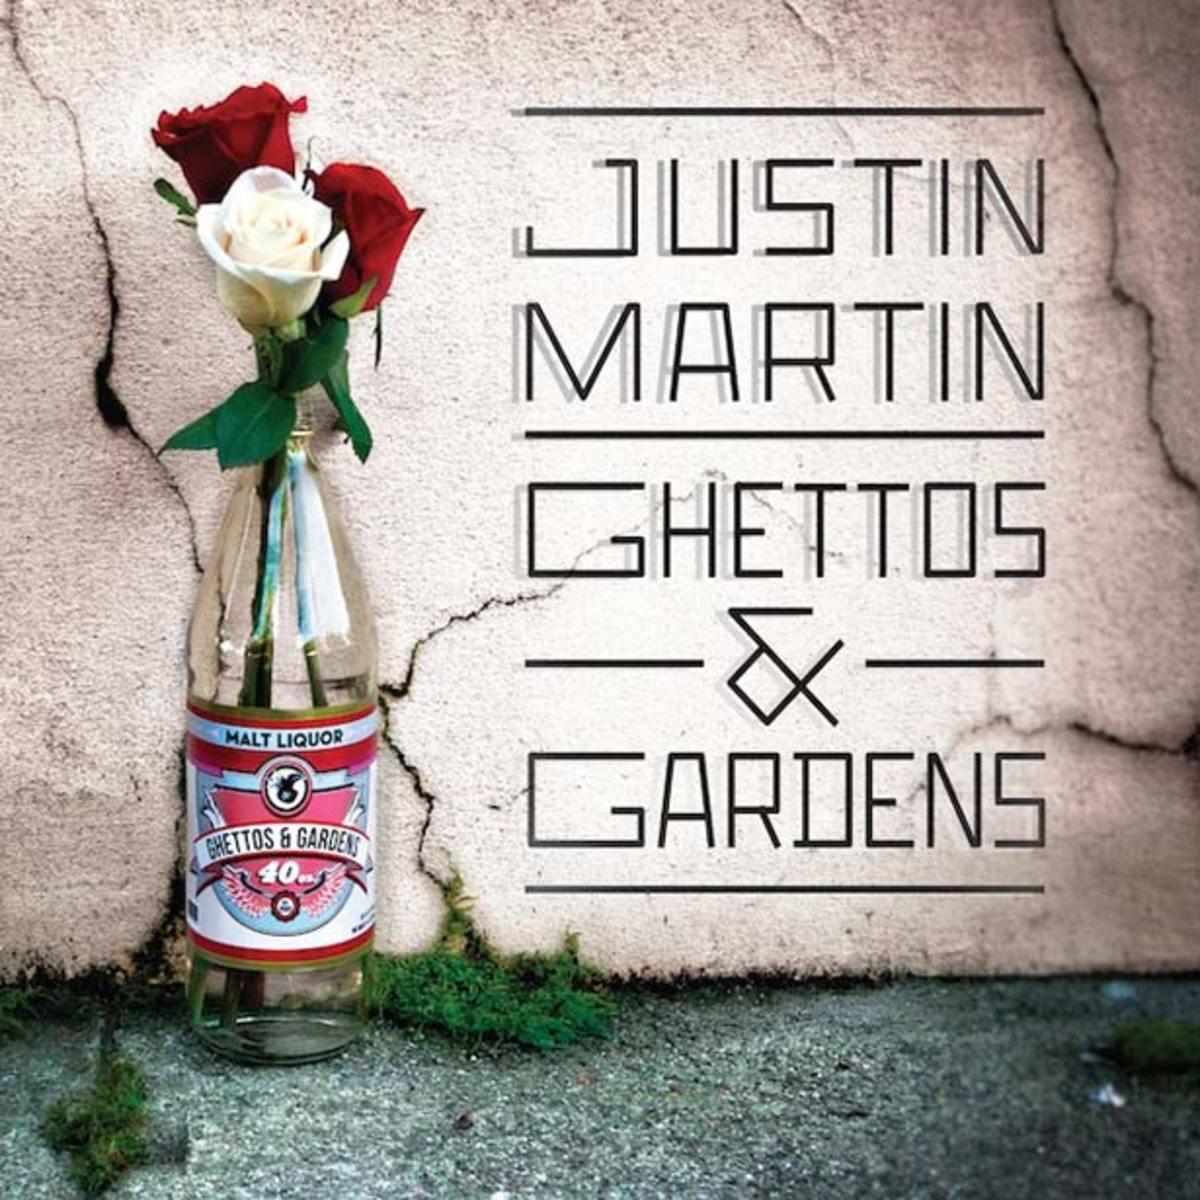 Ghettos-&-Gardens